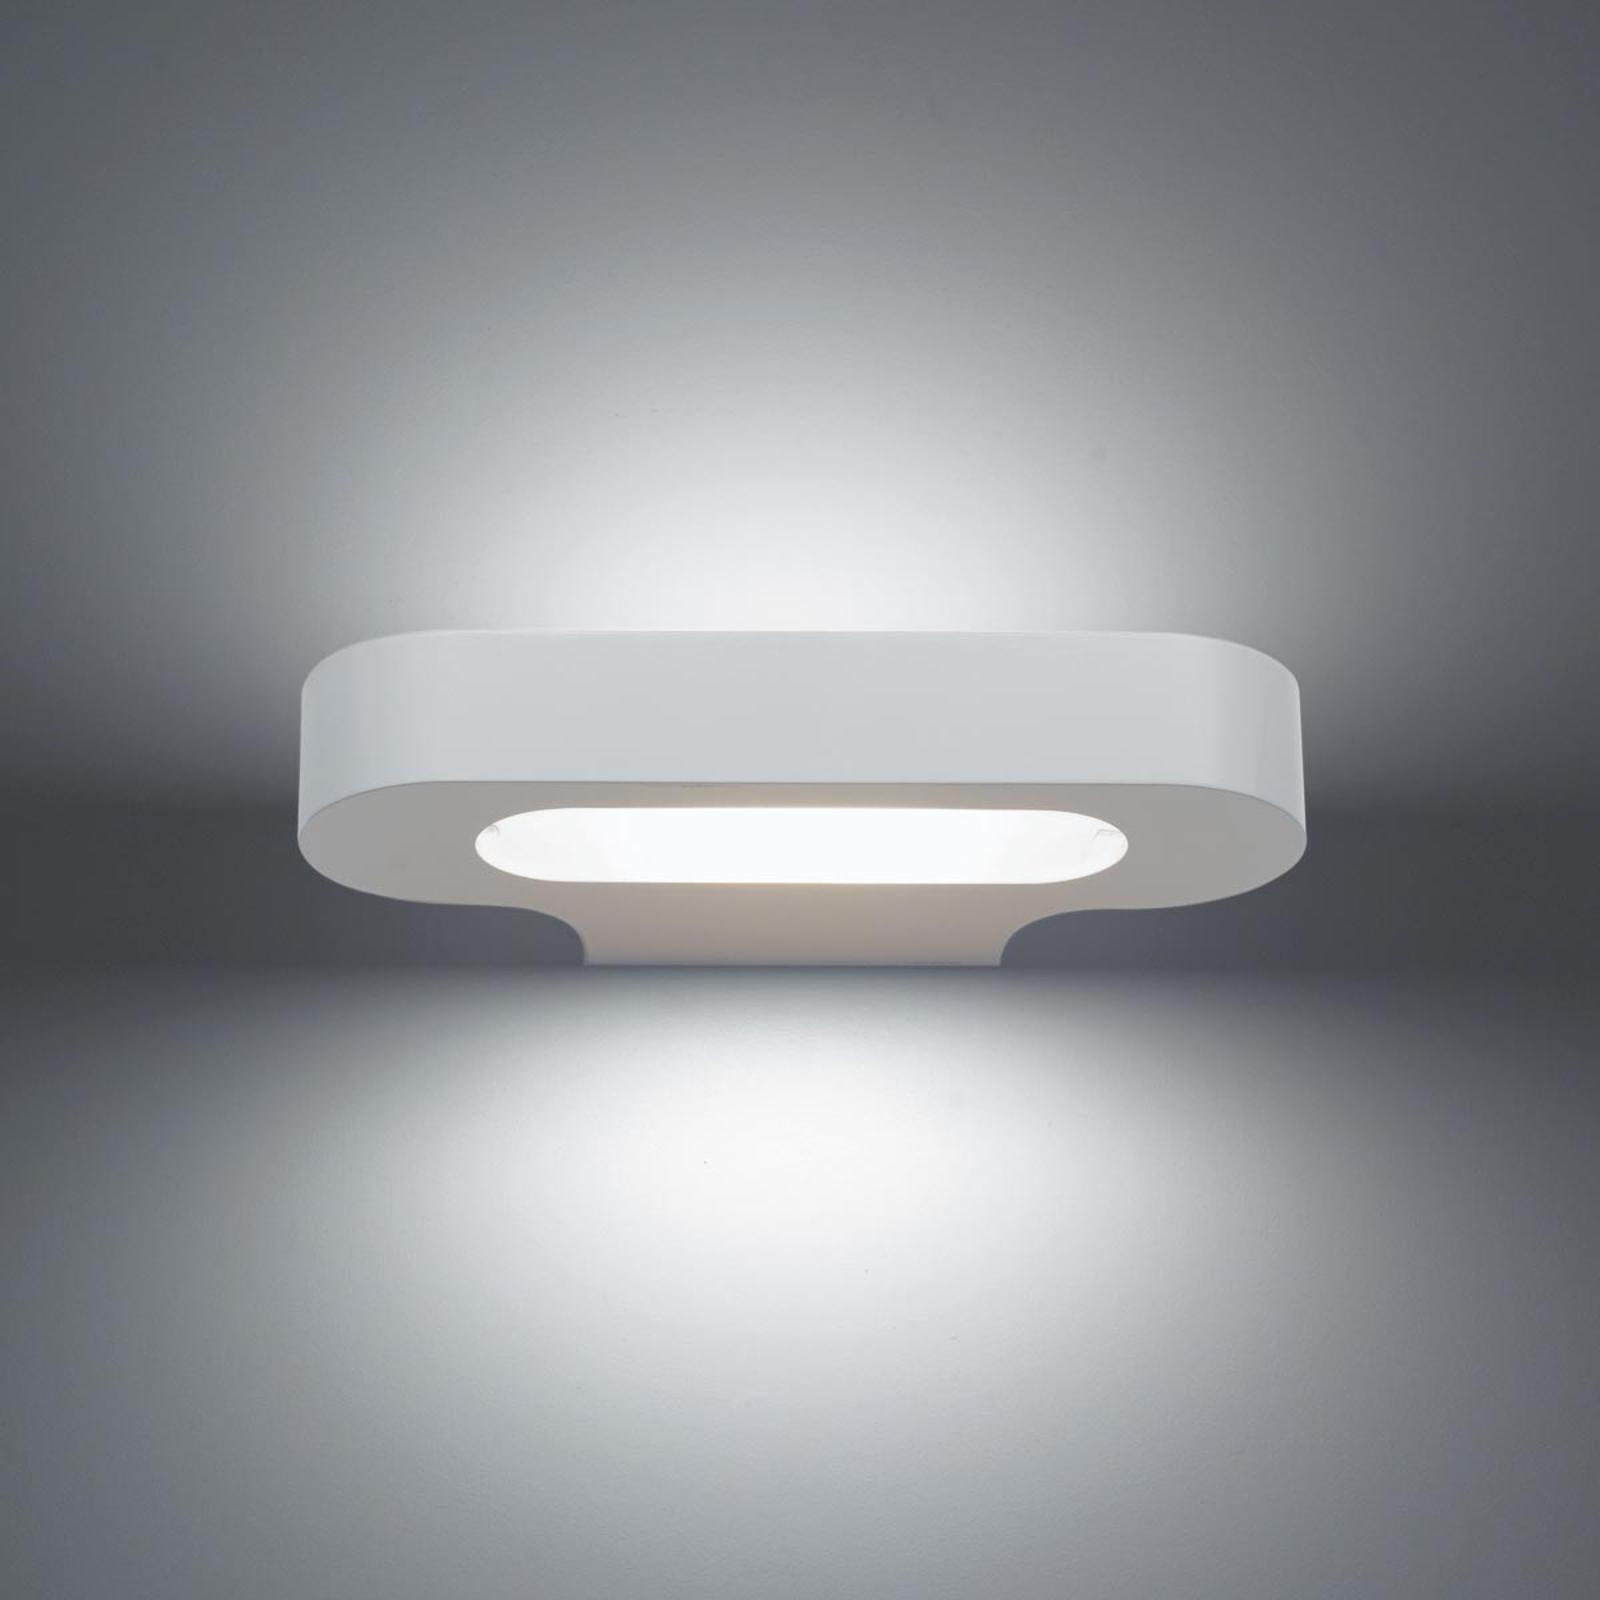 Artemide Talo design-wandlamp R7s 21 cm wit